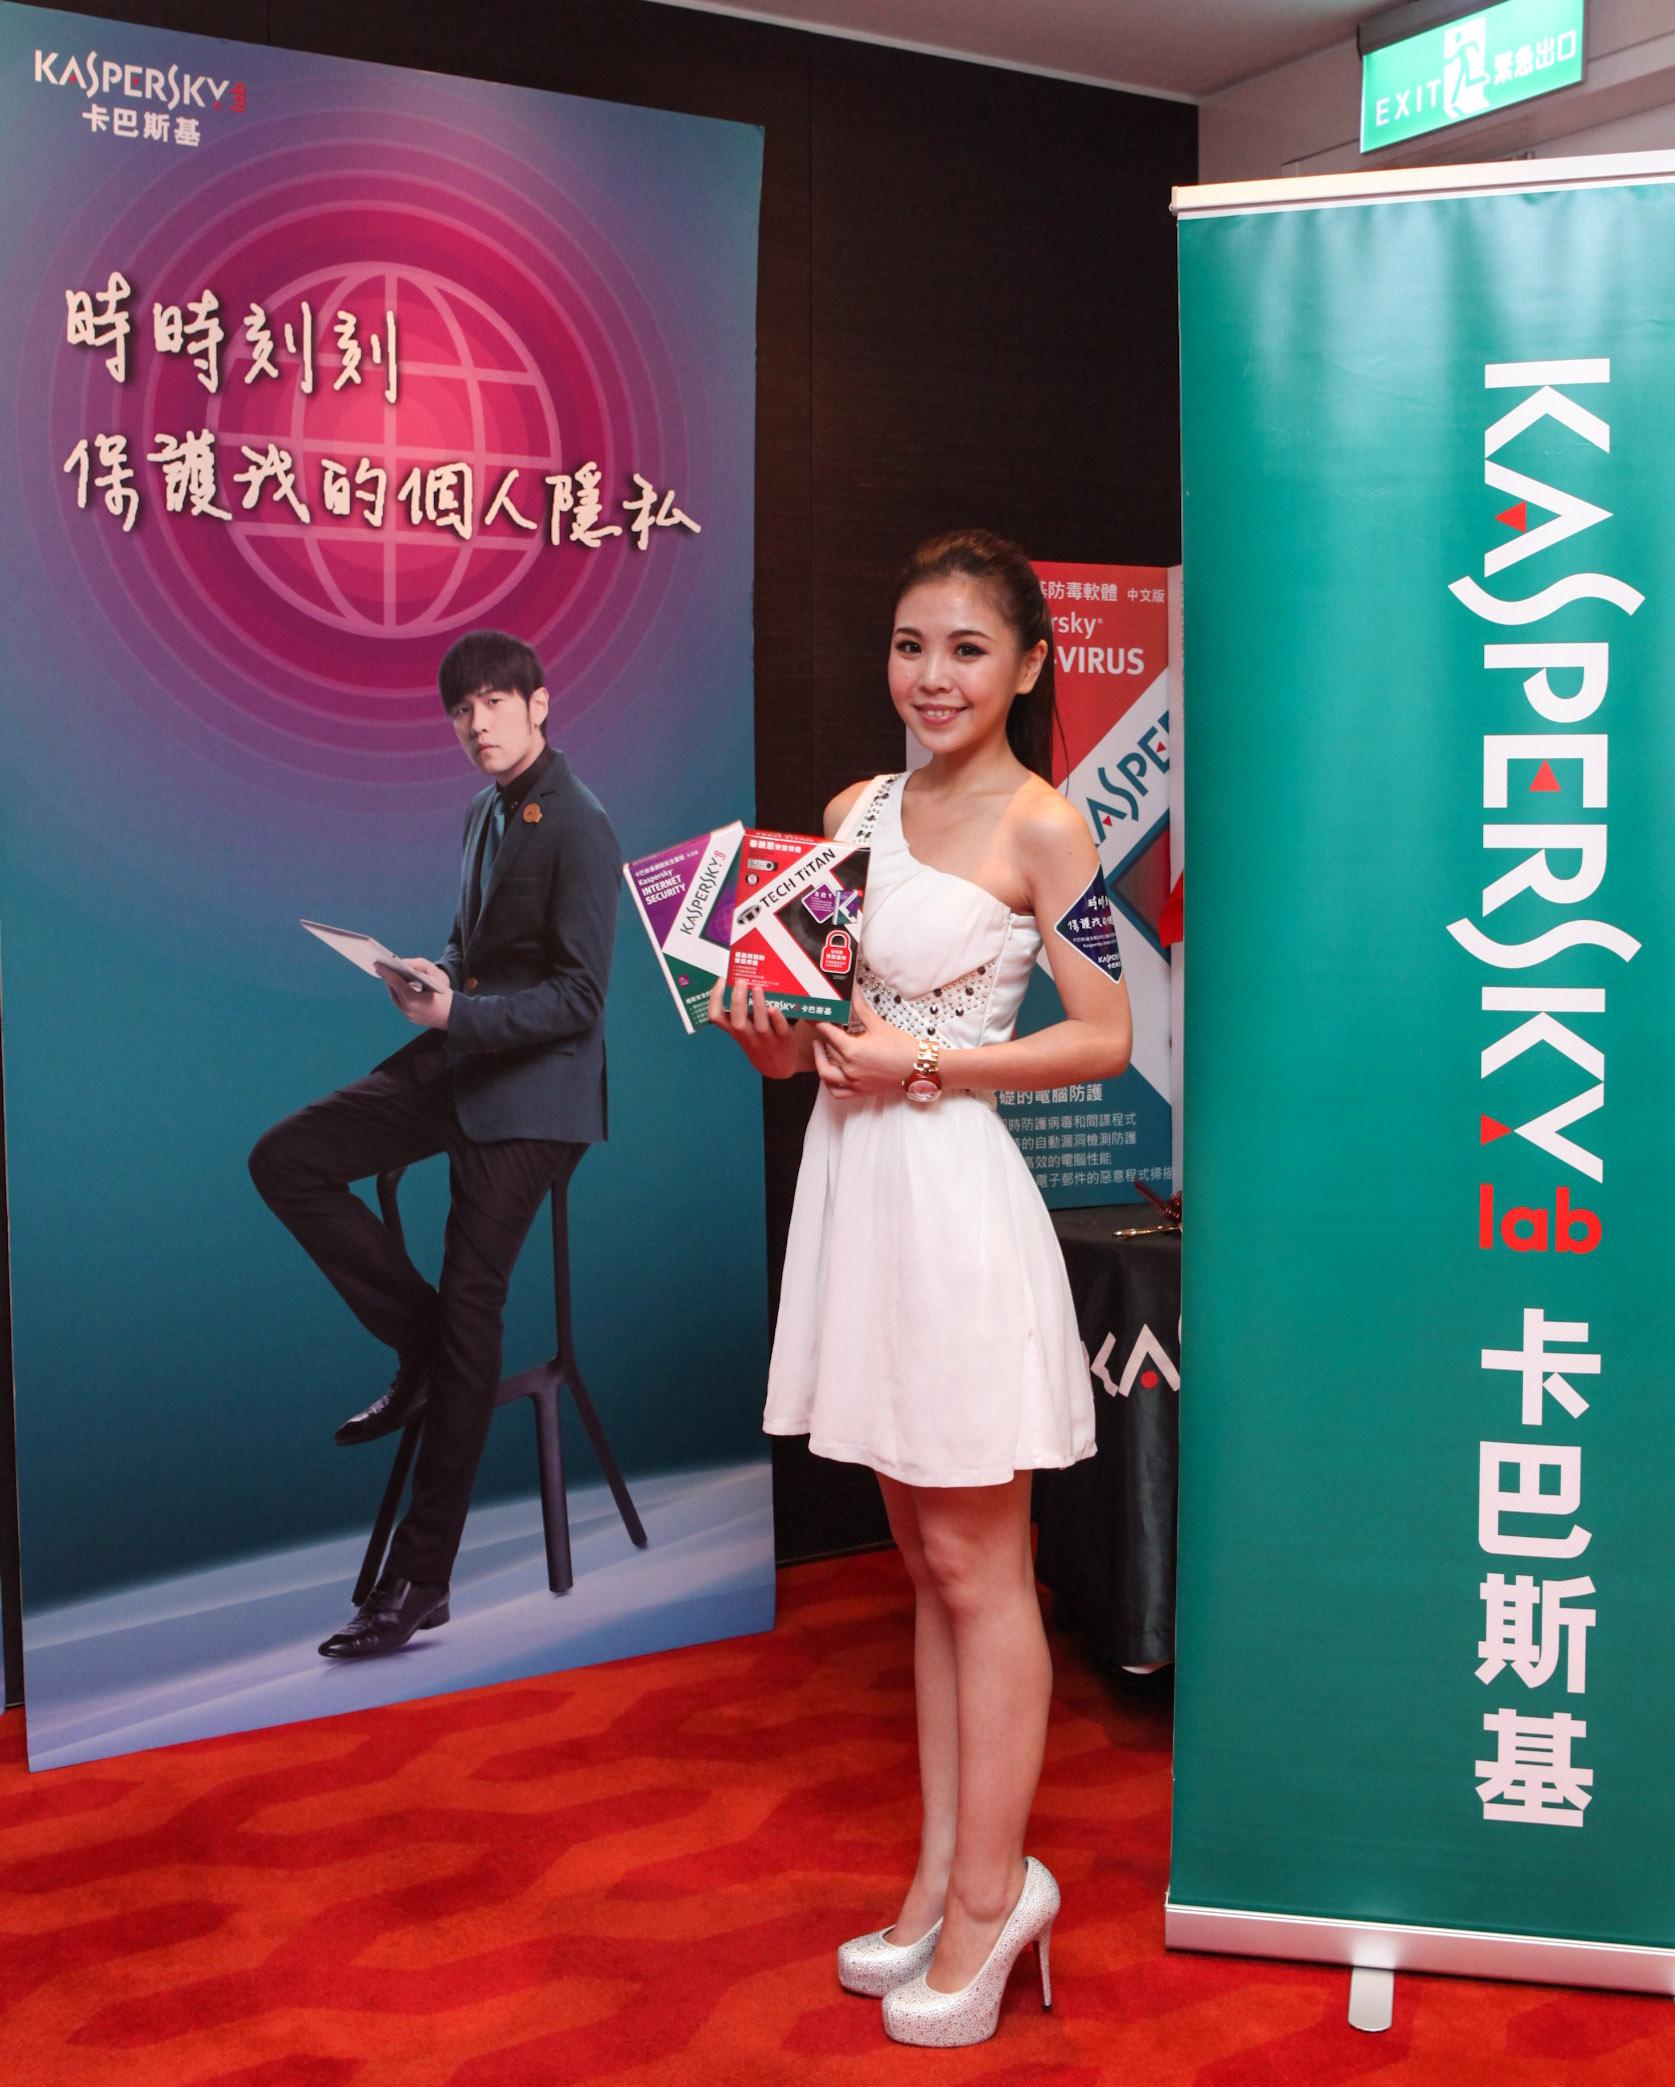 卡巴斯基宣布最新2013全新領先技術